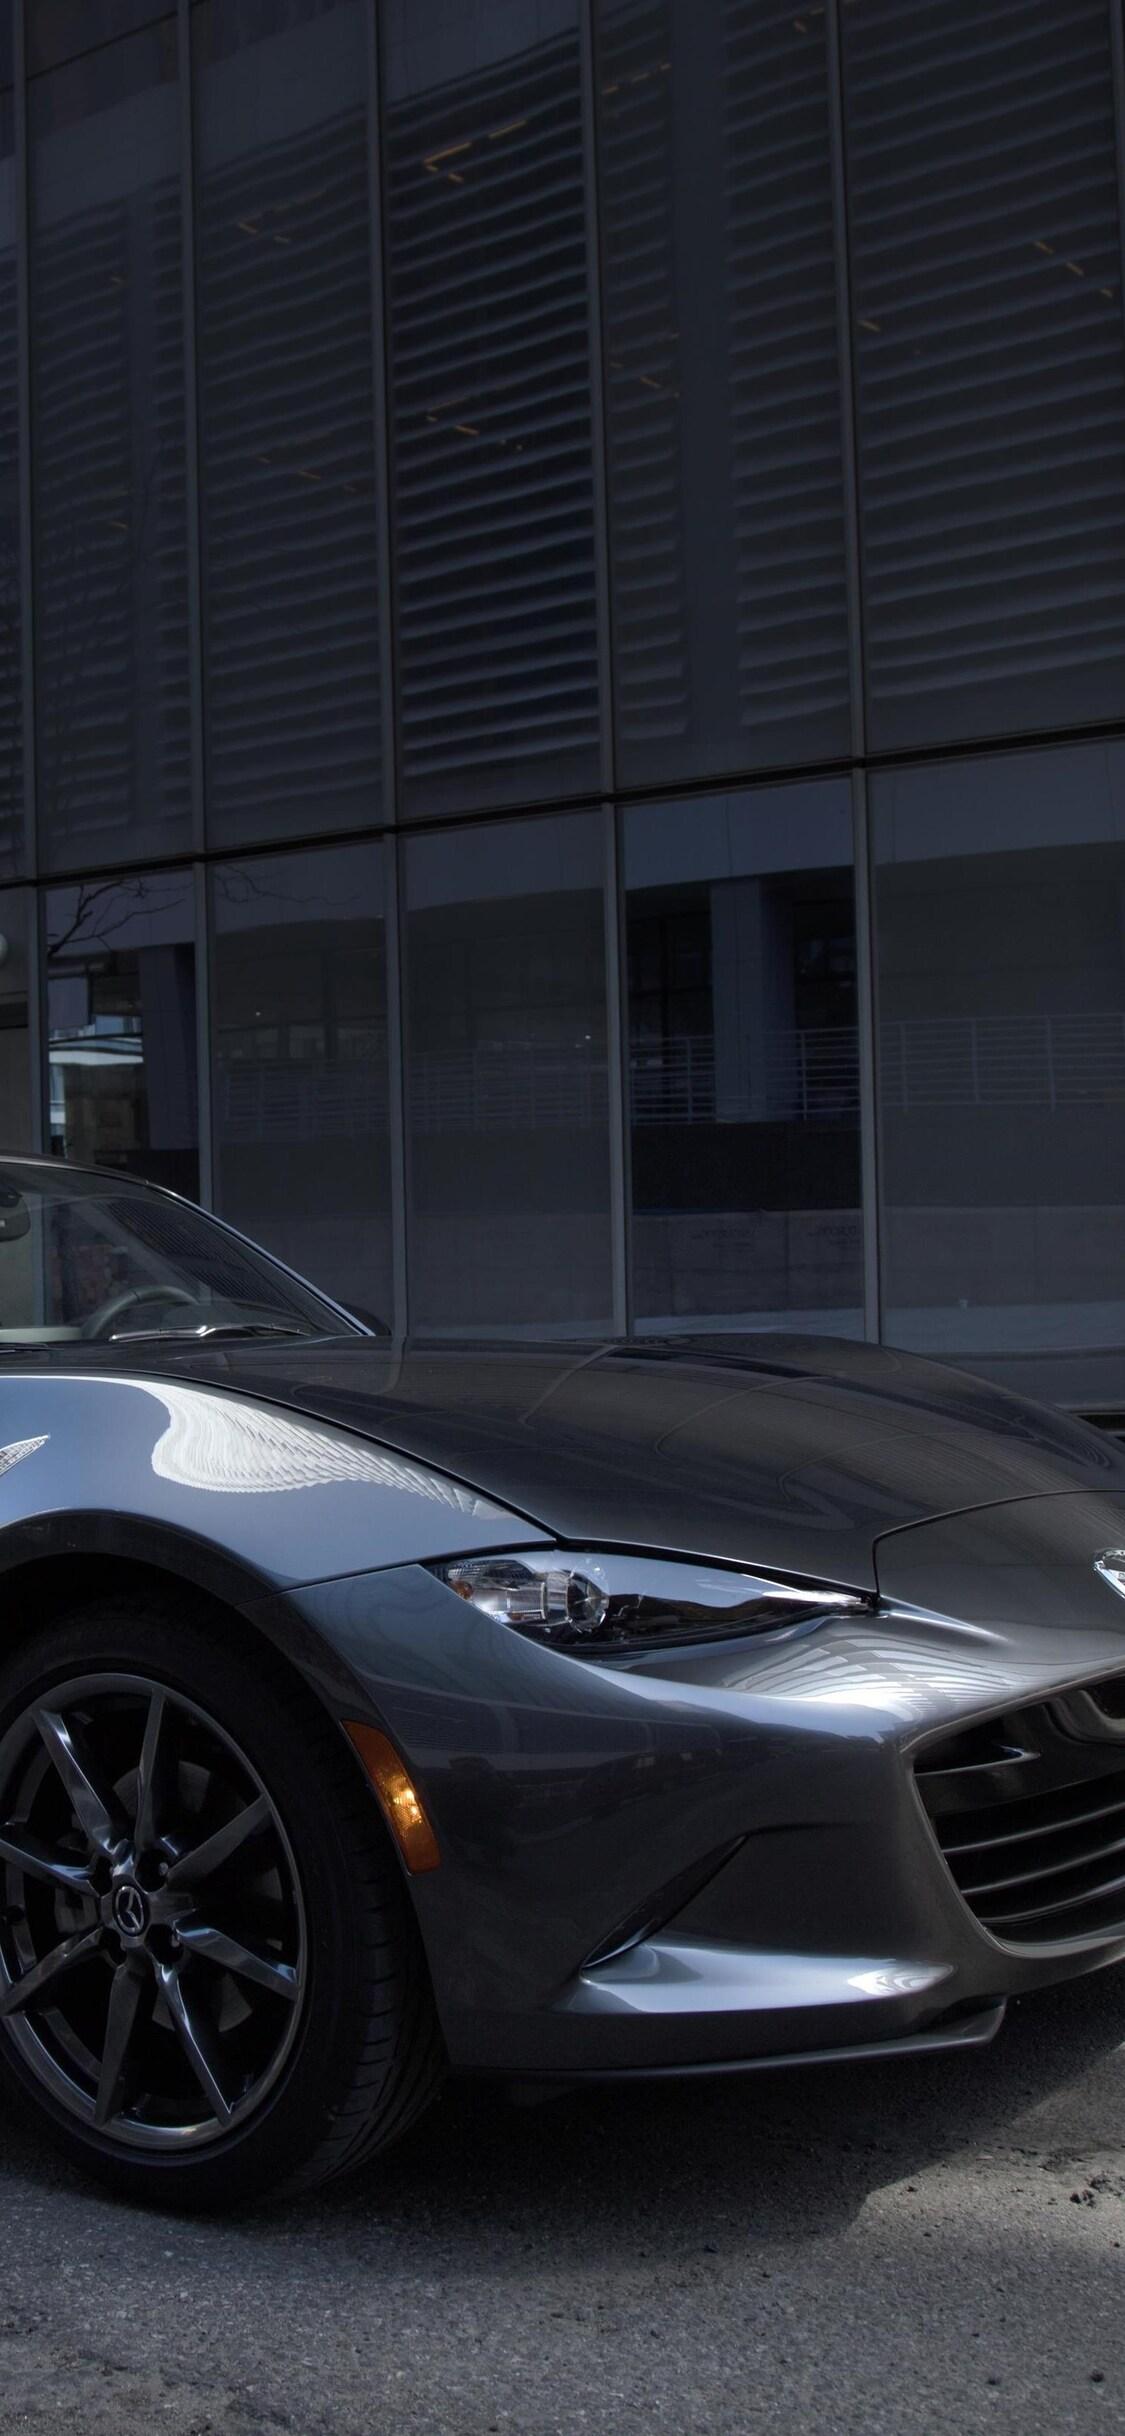 2017 Mazda Mx 5 Rf Ap